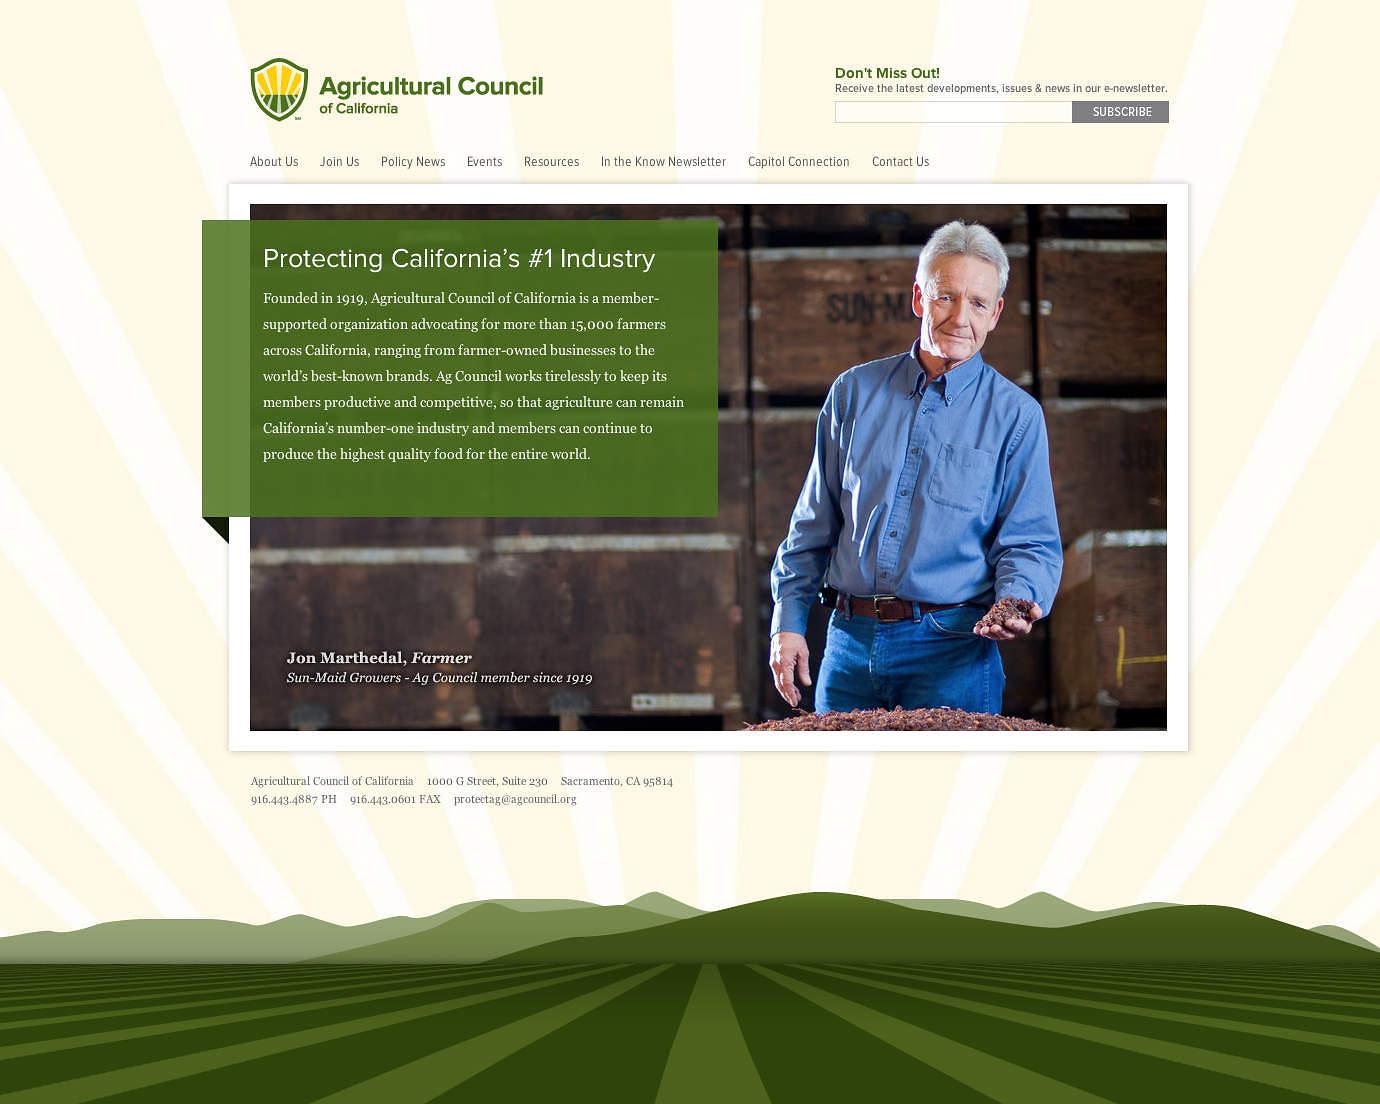 Agricultural-Council-California-web-design